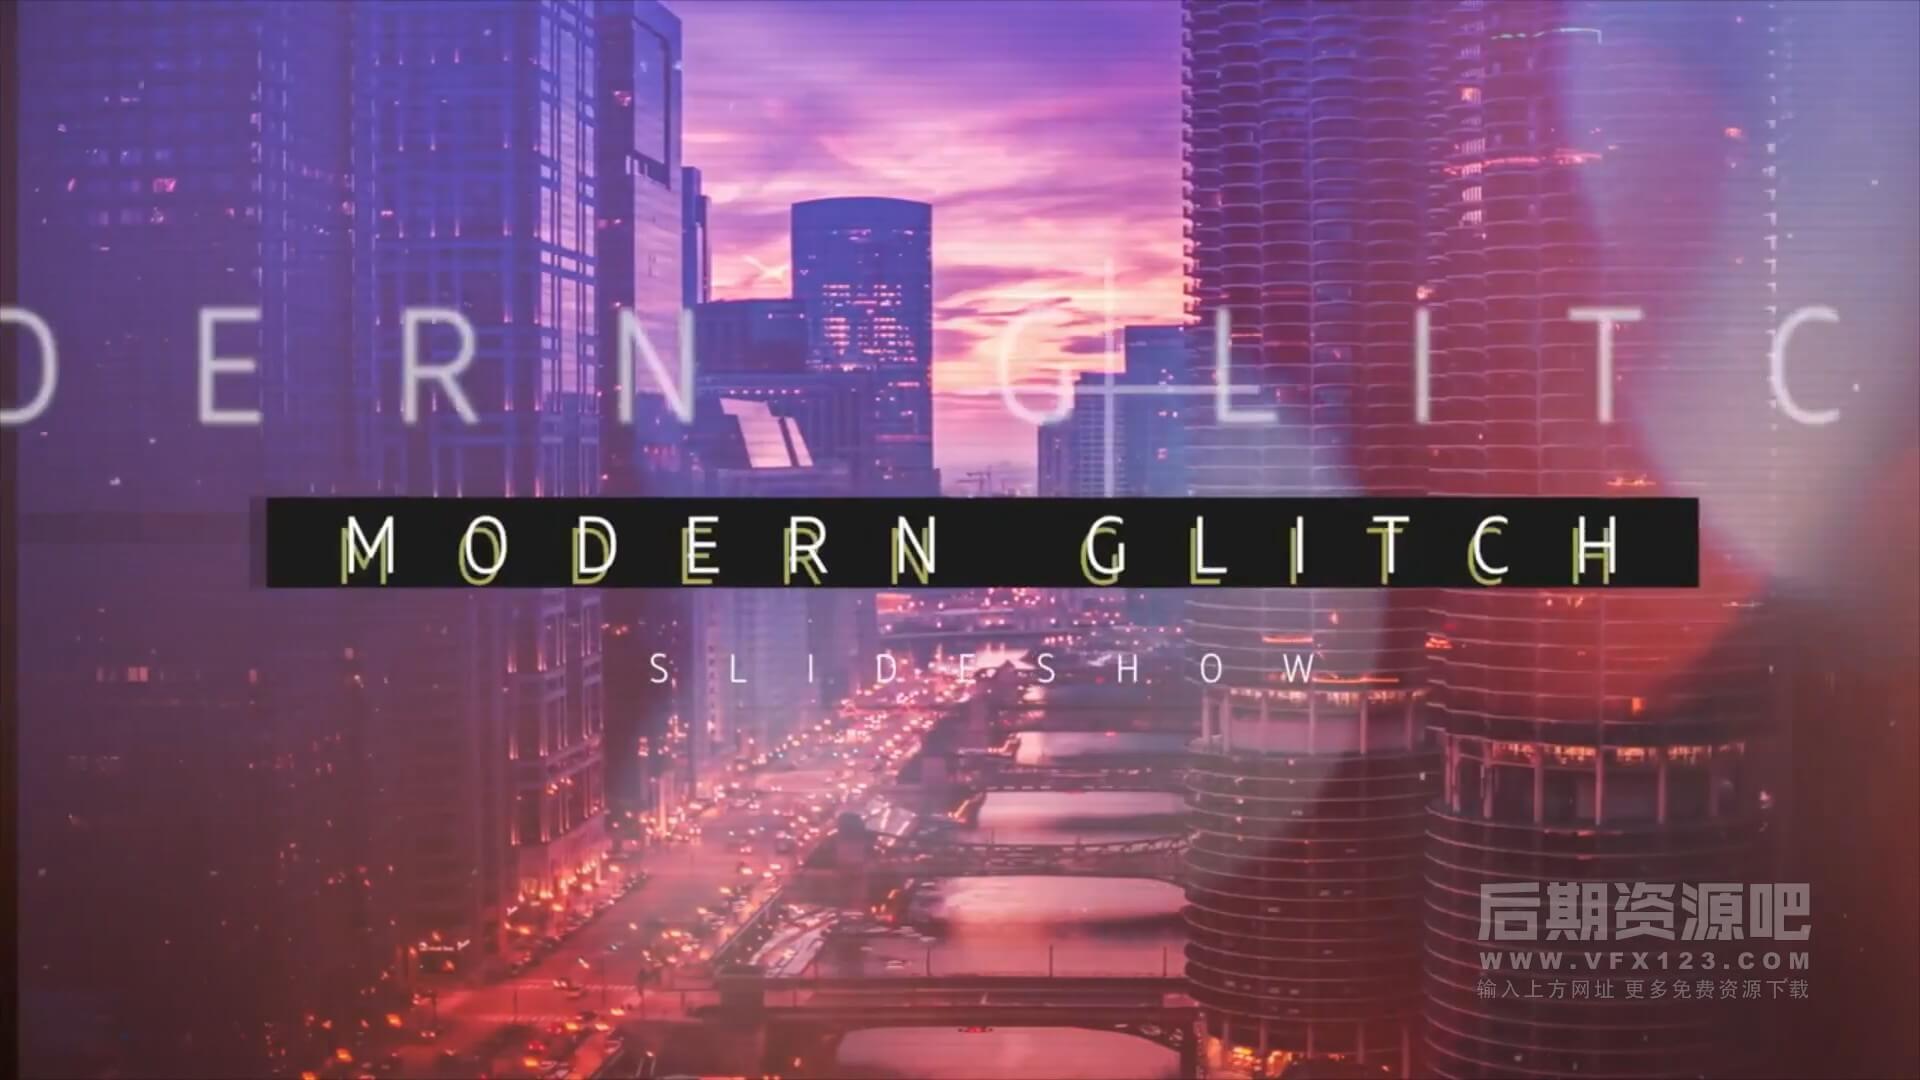 fcpx主题模板 现代炫酷复古故障毛刺特效风格片头 Modern Glitch Slideshow